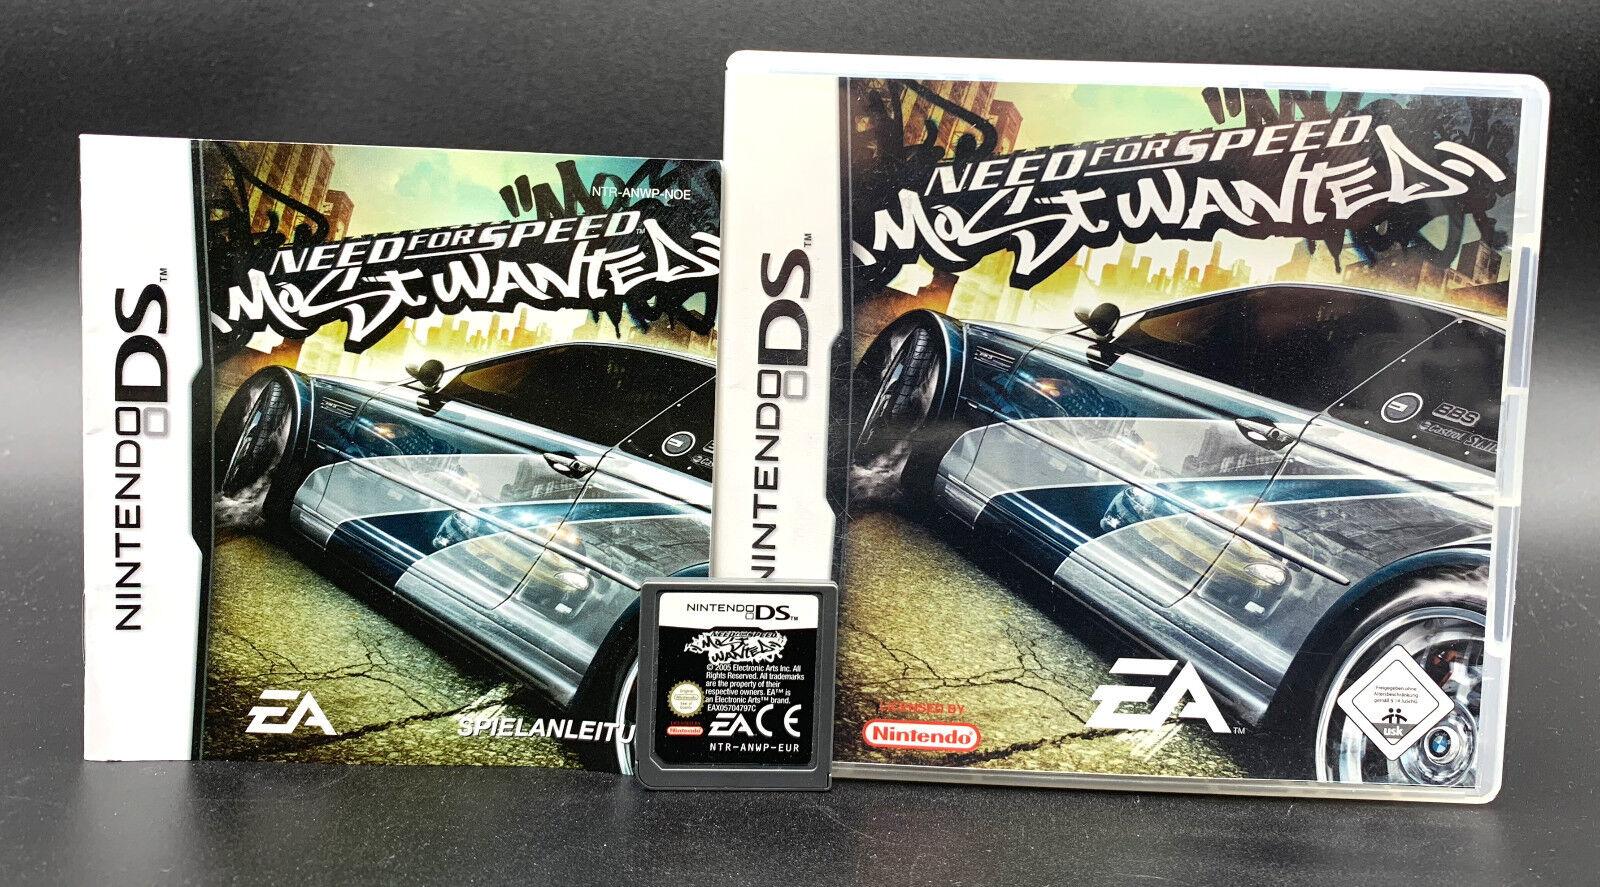 Spiel: NEED FOR SPEED MOST WANTED für Nintendo DS + Lite + Dsi + XL + 3DS 2DS